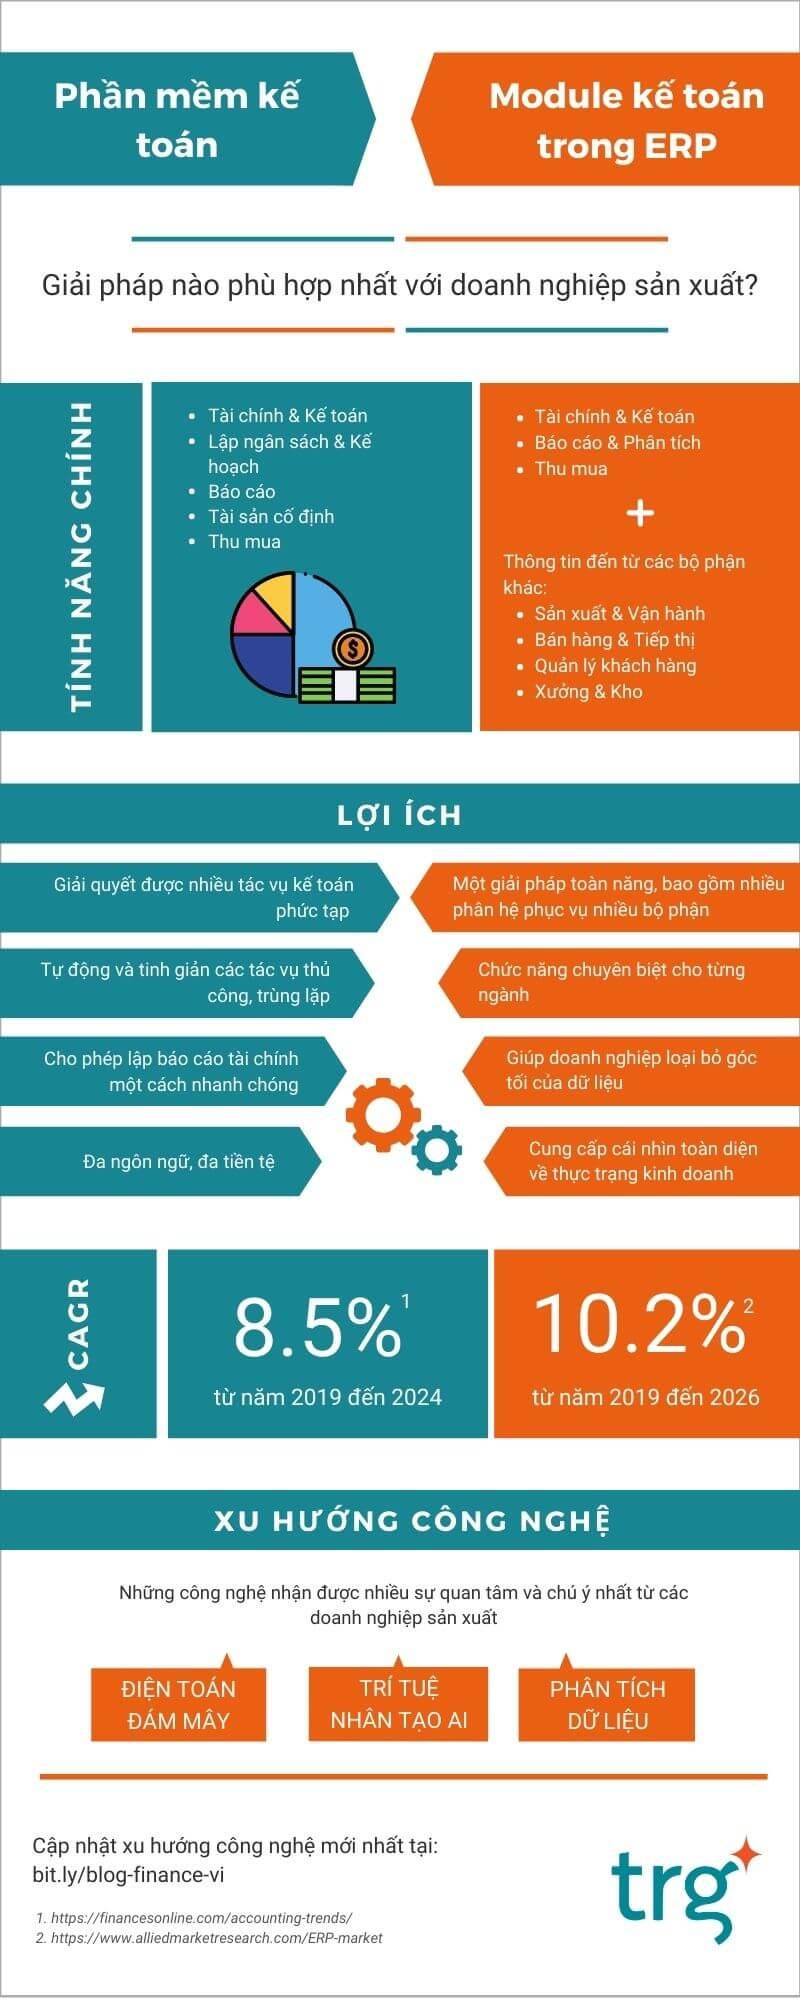 DN sản xuất nên lựa chọn phần mềm kế toán độc lập hay ERP?